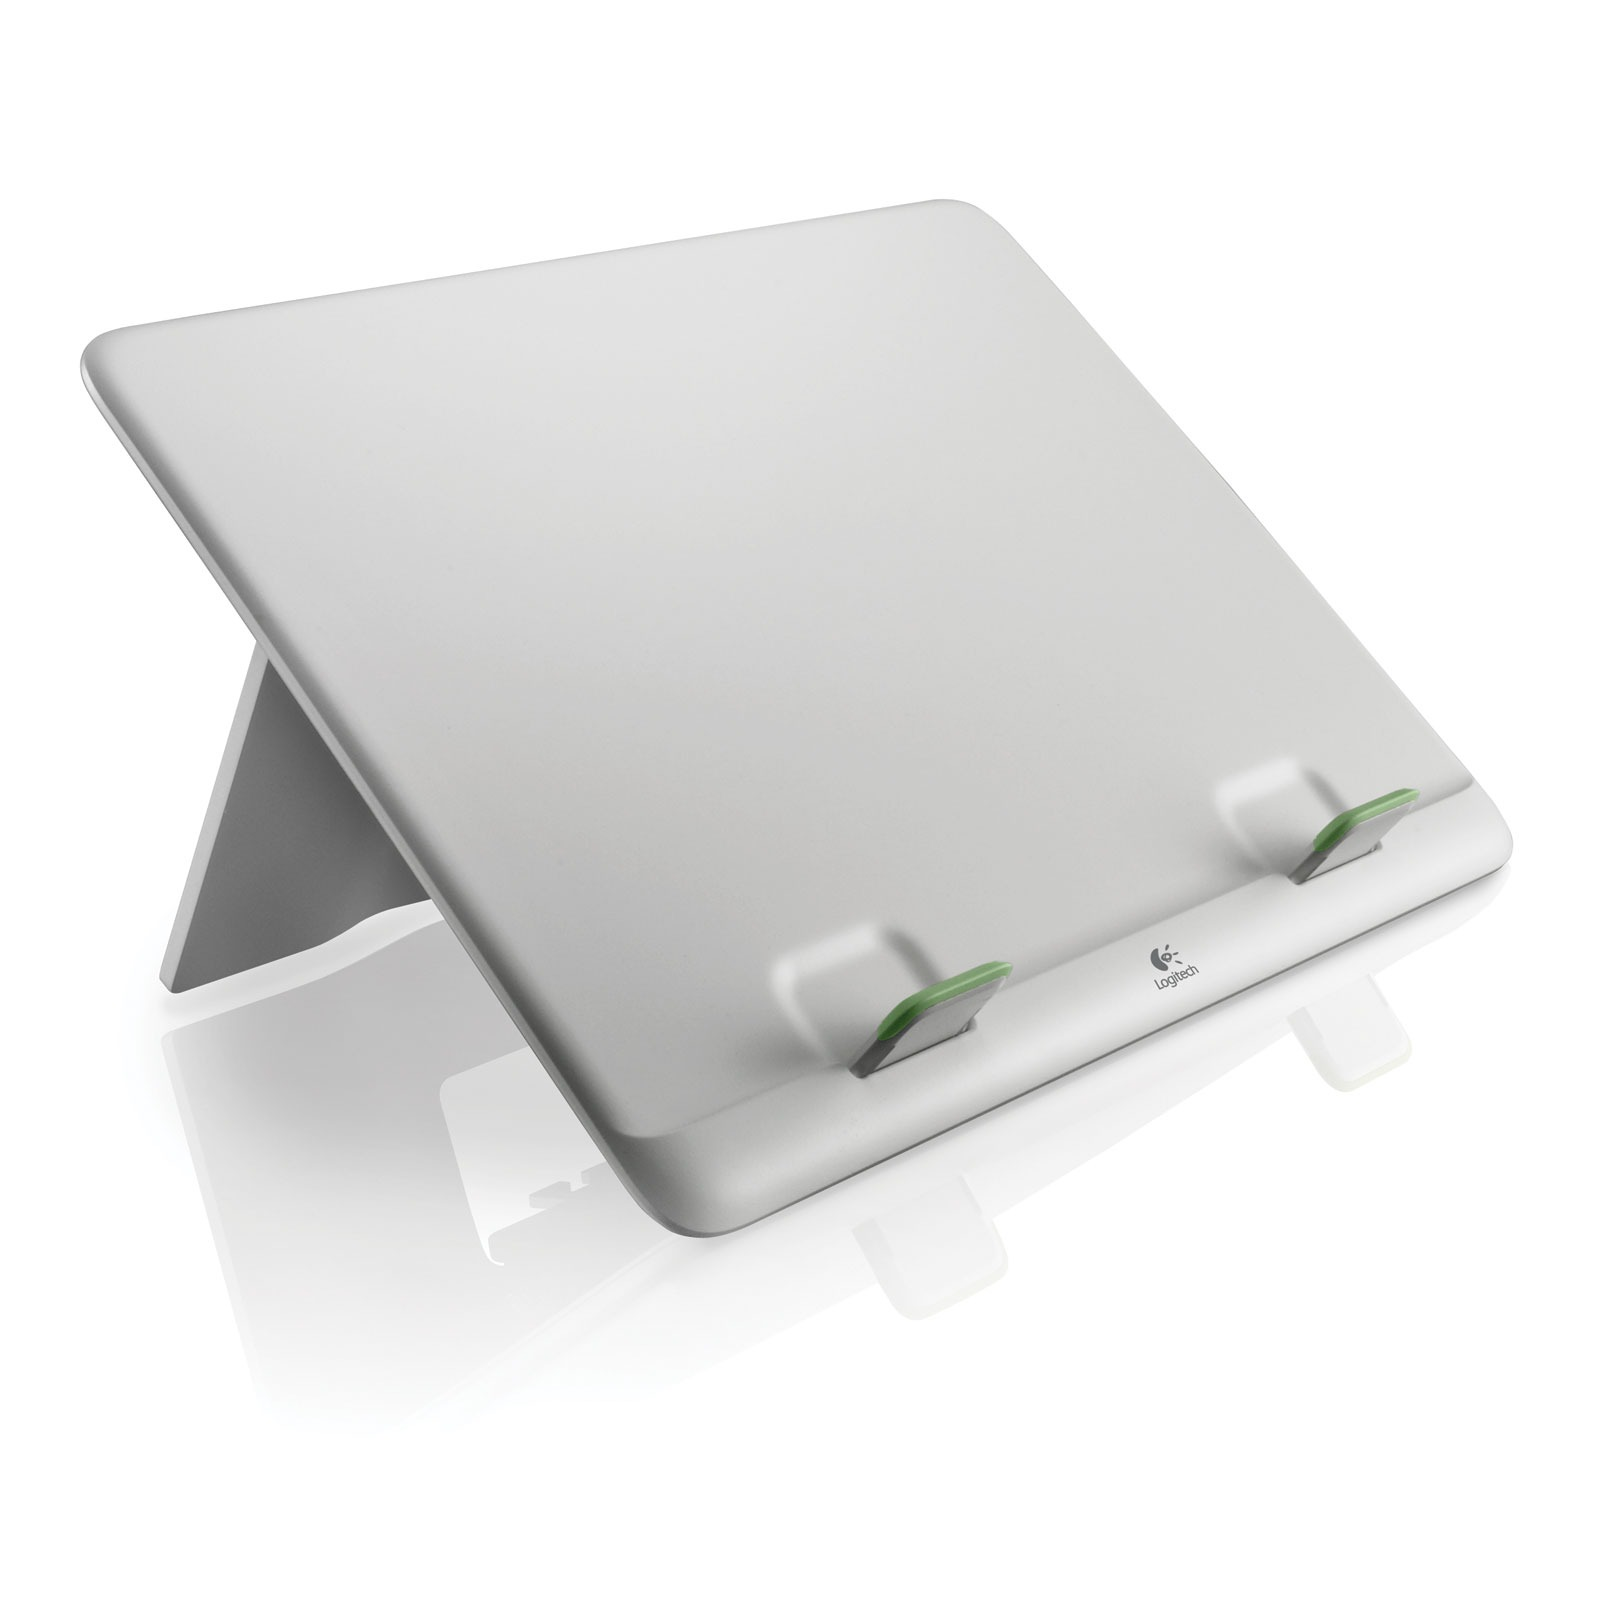 logitech notebook riser n110 939 000096 achat vente accessoires pc portable sur. Black Bedroom Furniture Sets. Home Design Ideas